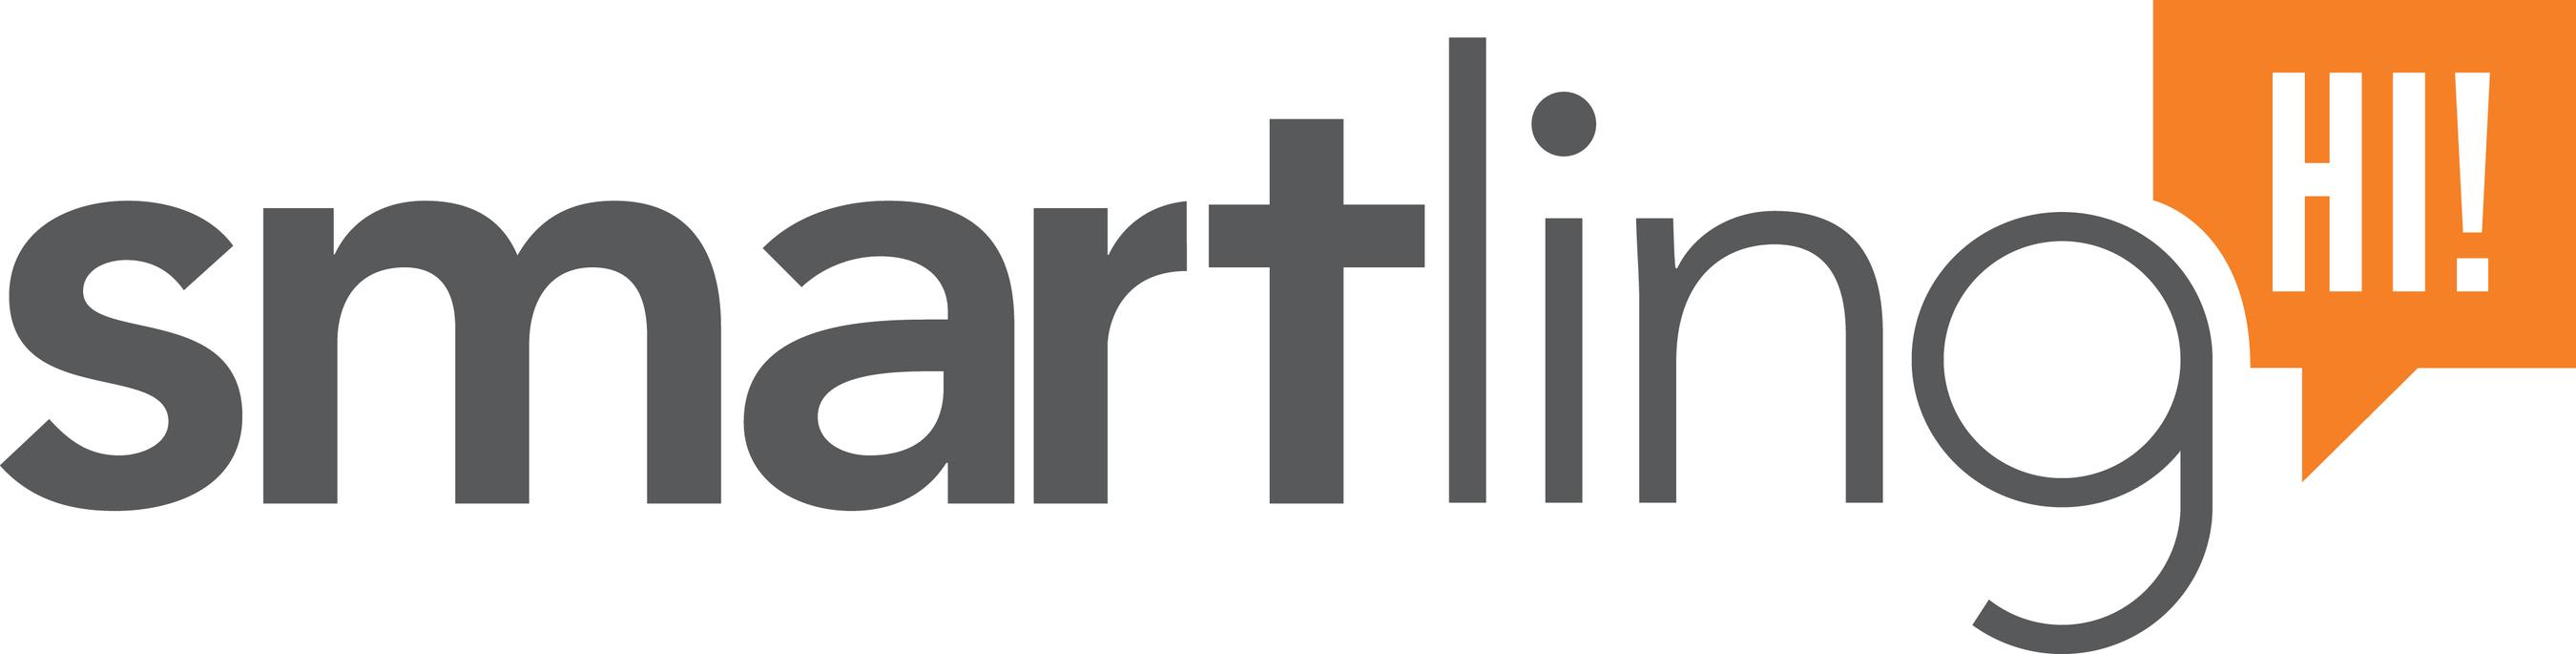 Smartling, Inc. Logo.